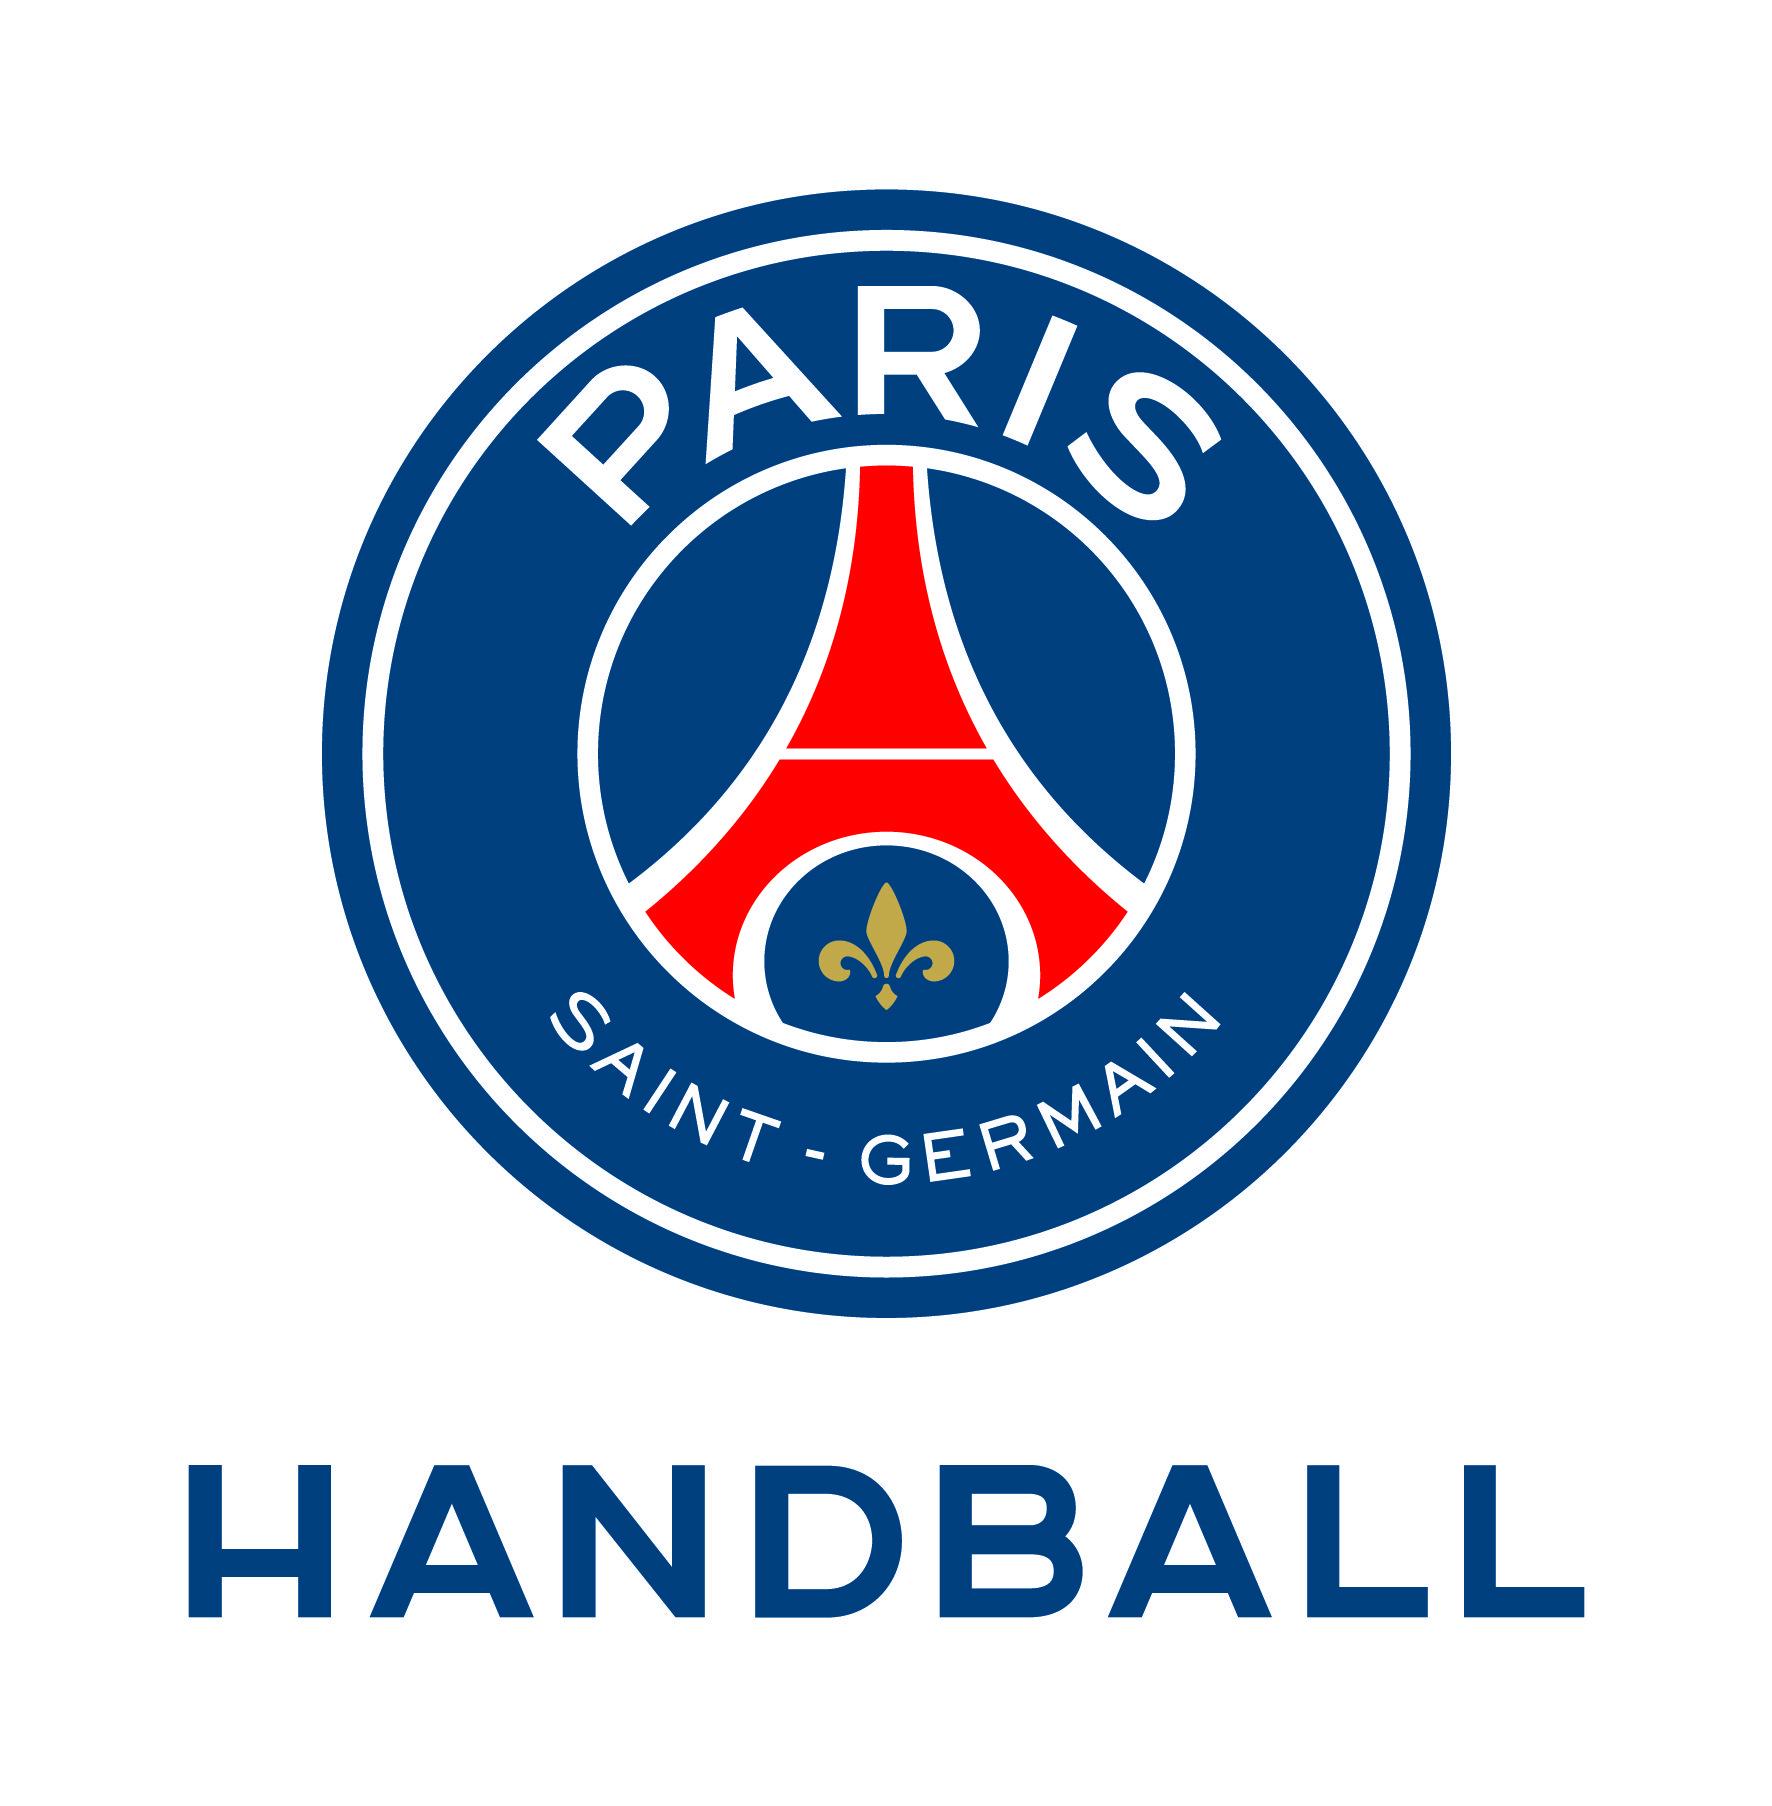 Le PSG Hand battu en demie-finale du Final four par Nantes, il jouera le match de la 3e place ce dimanche